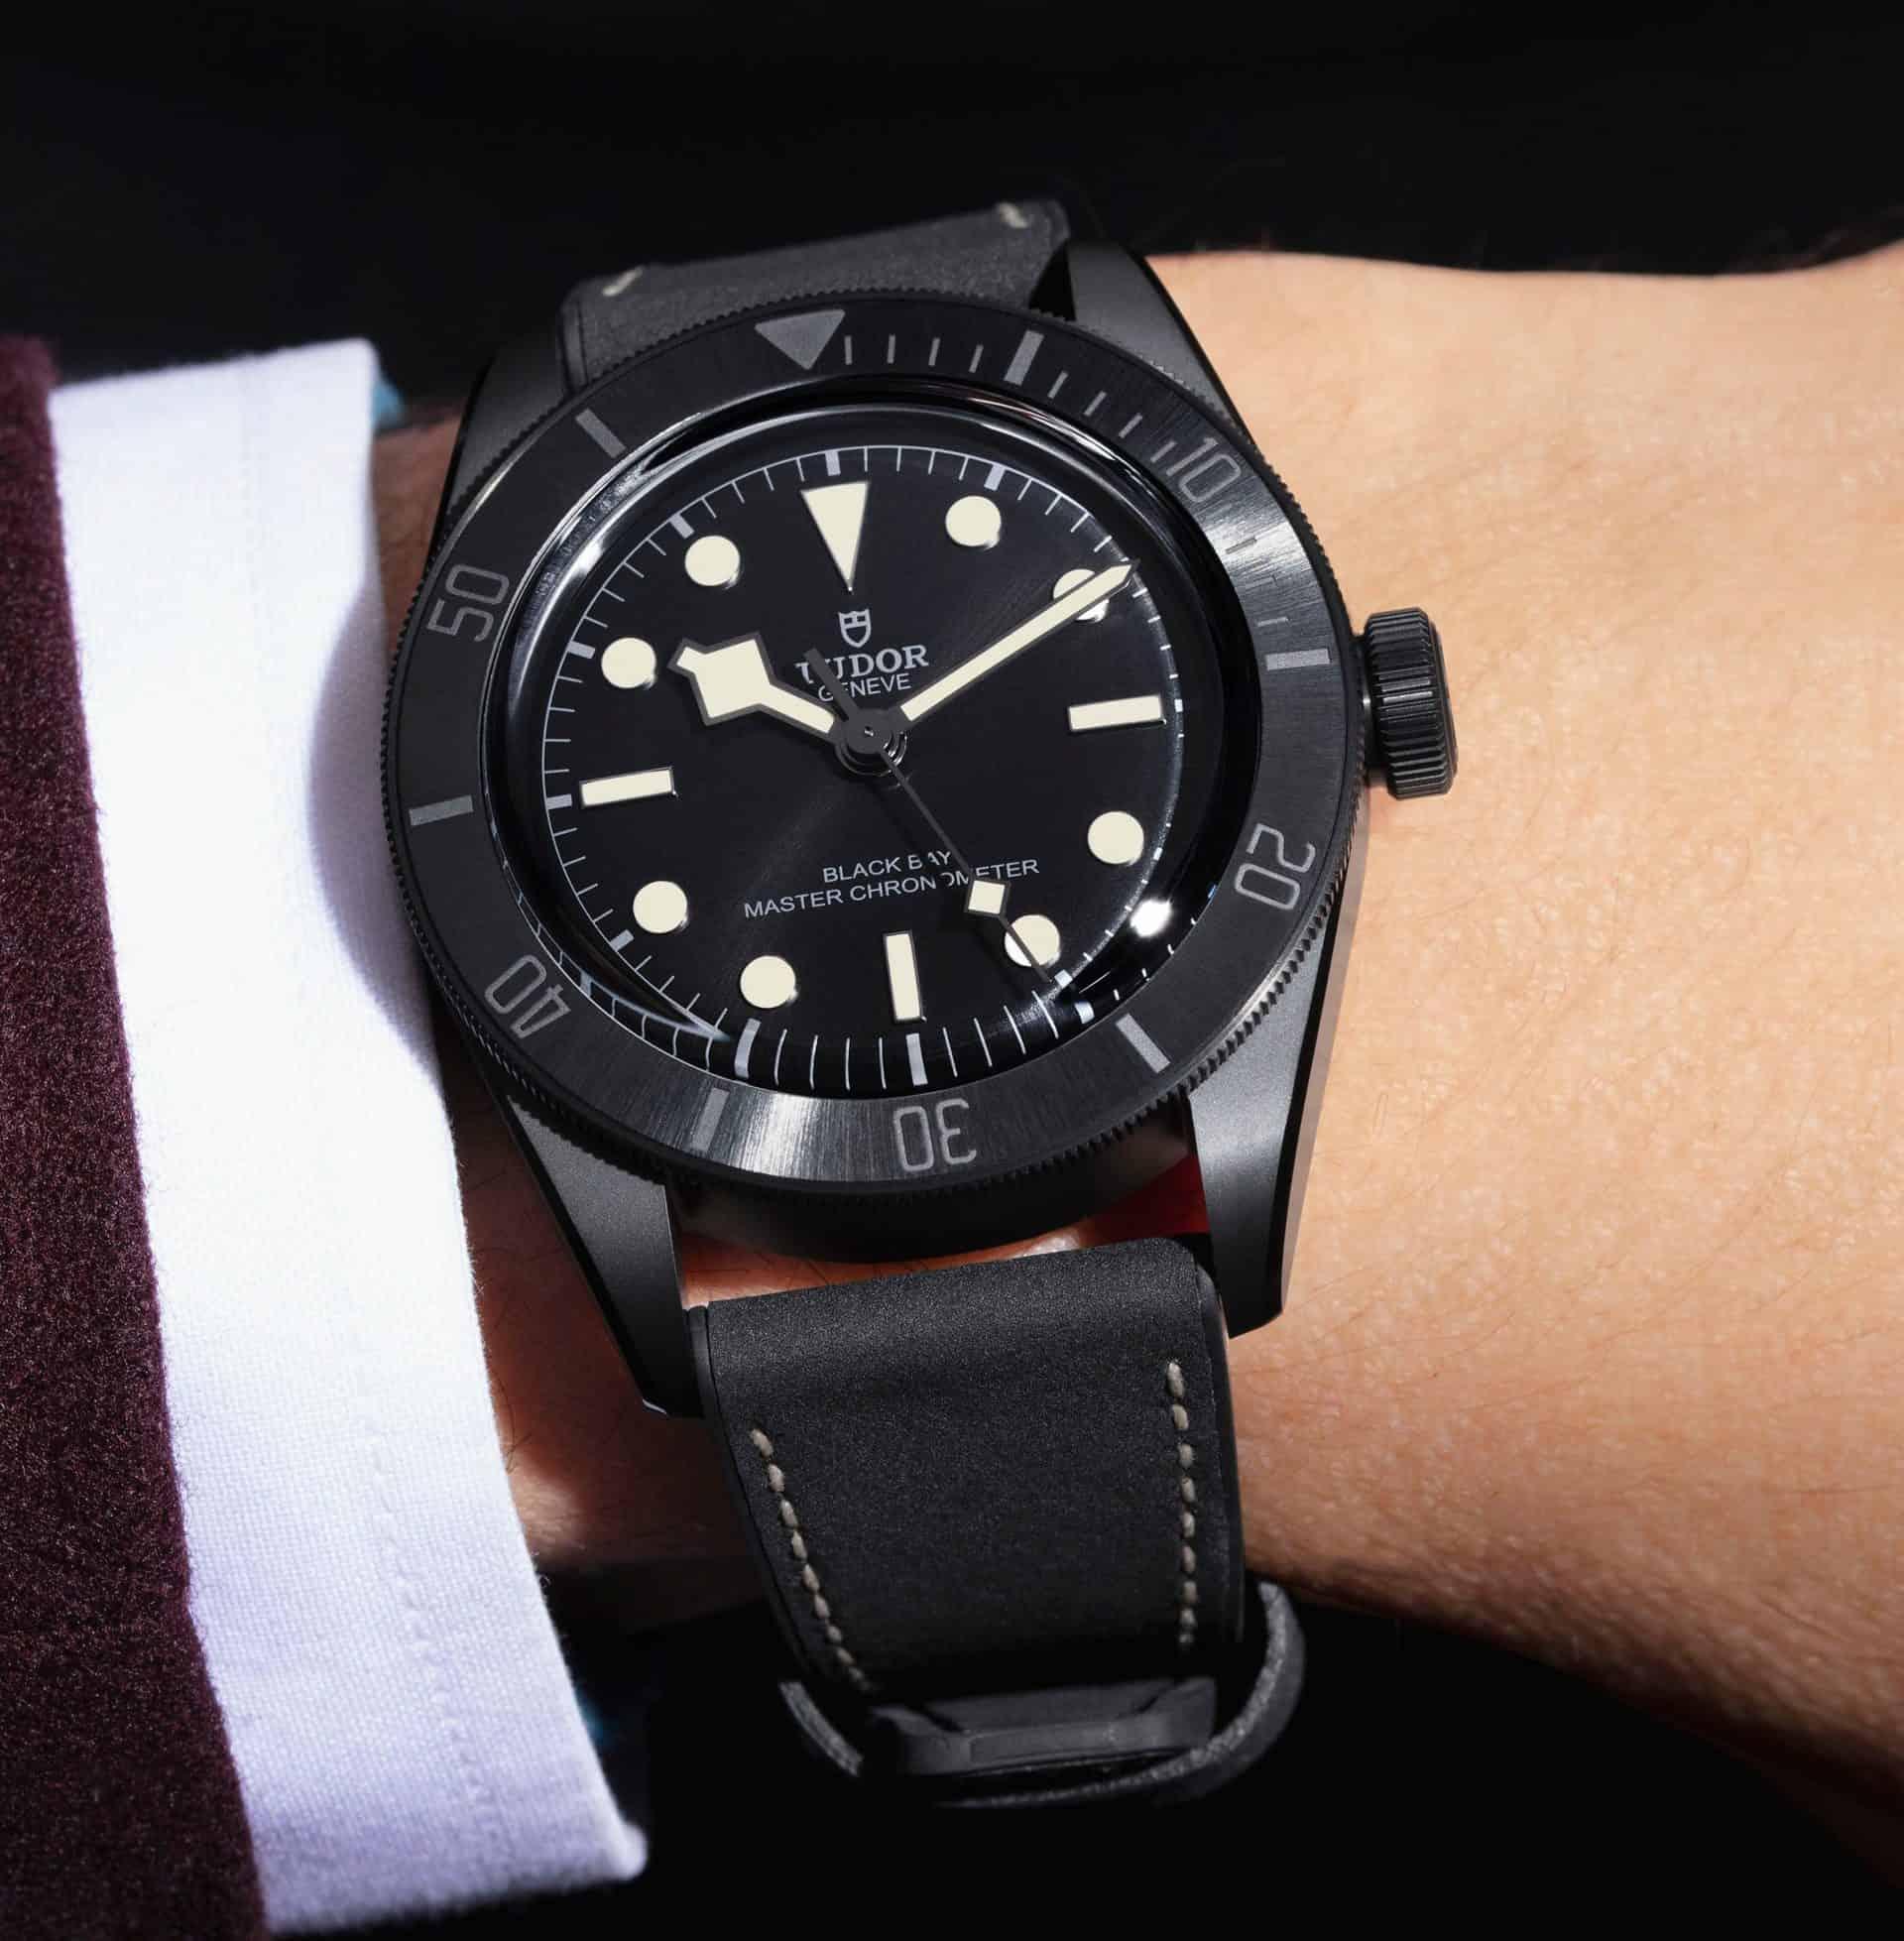 Am Arm getragen - die Tudor Black Bay Ceramic Master Chronometer Referenz 79210CNU